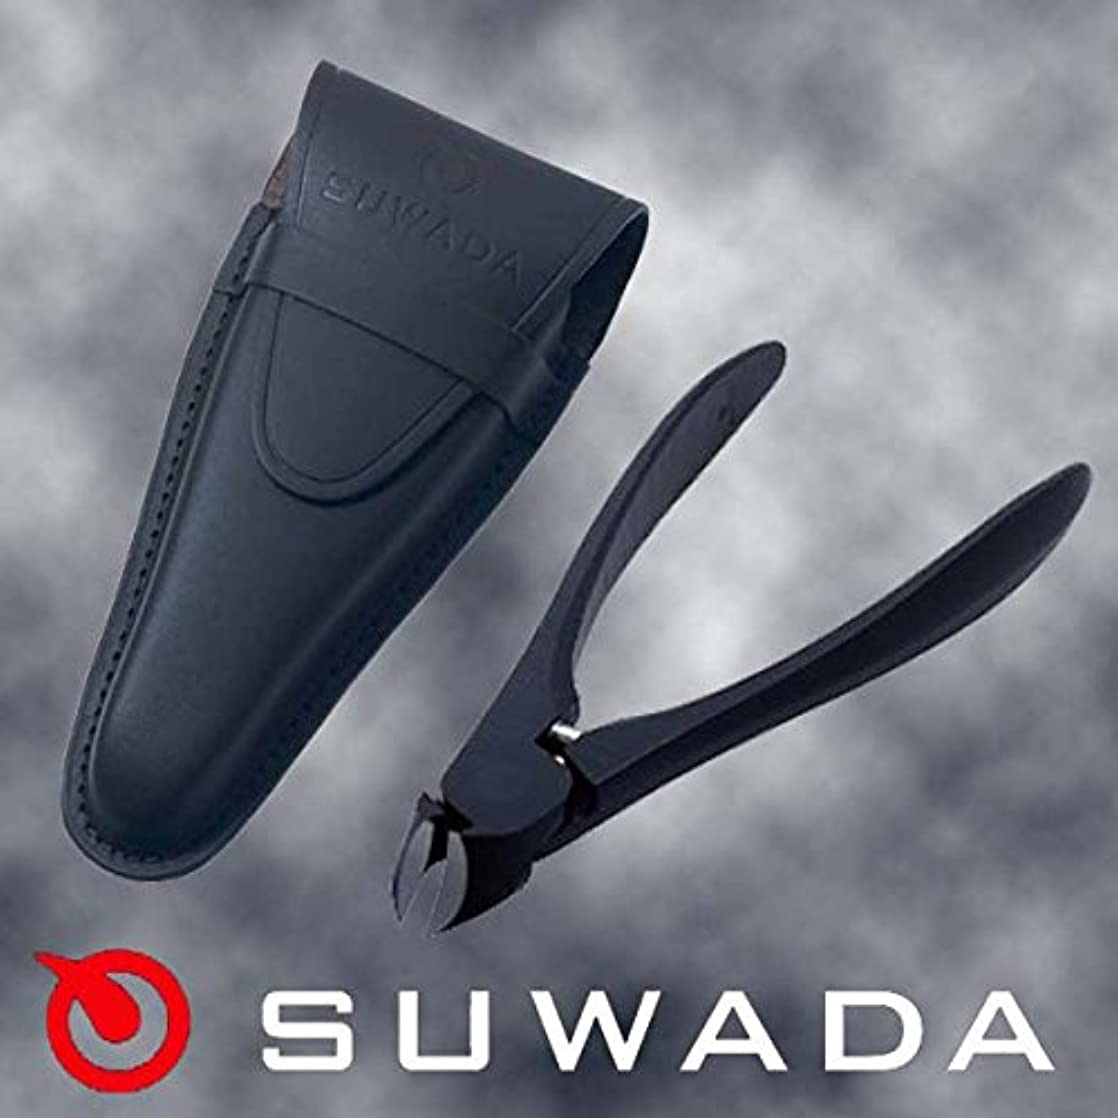 舗装バナー効果的SUWADA爪切りブラックL&ブラック革ケースセット 諏訪田製作所製 スワダの爪切り